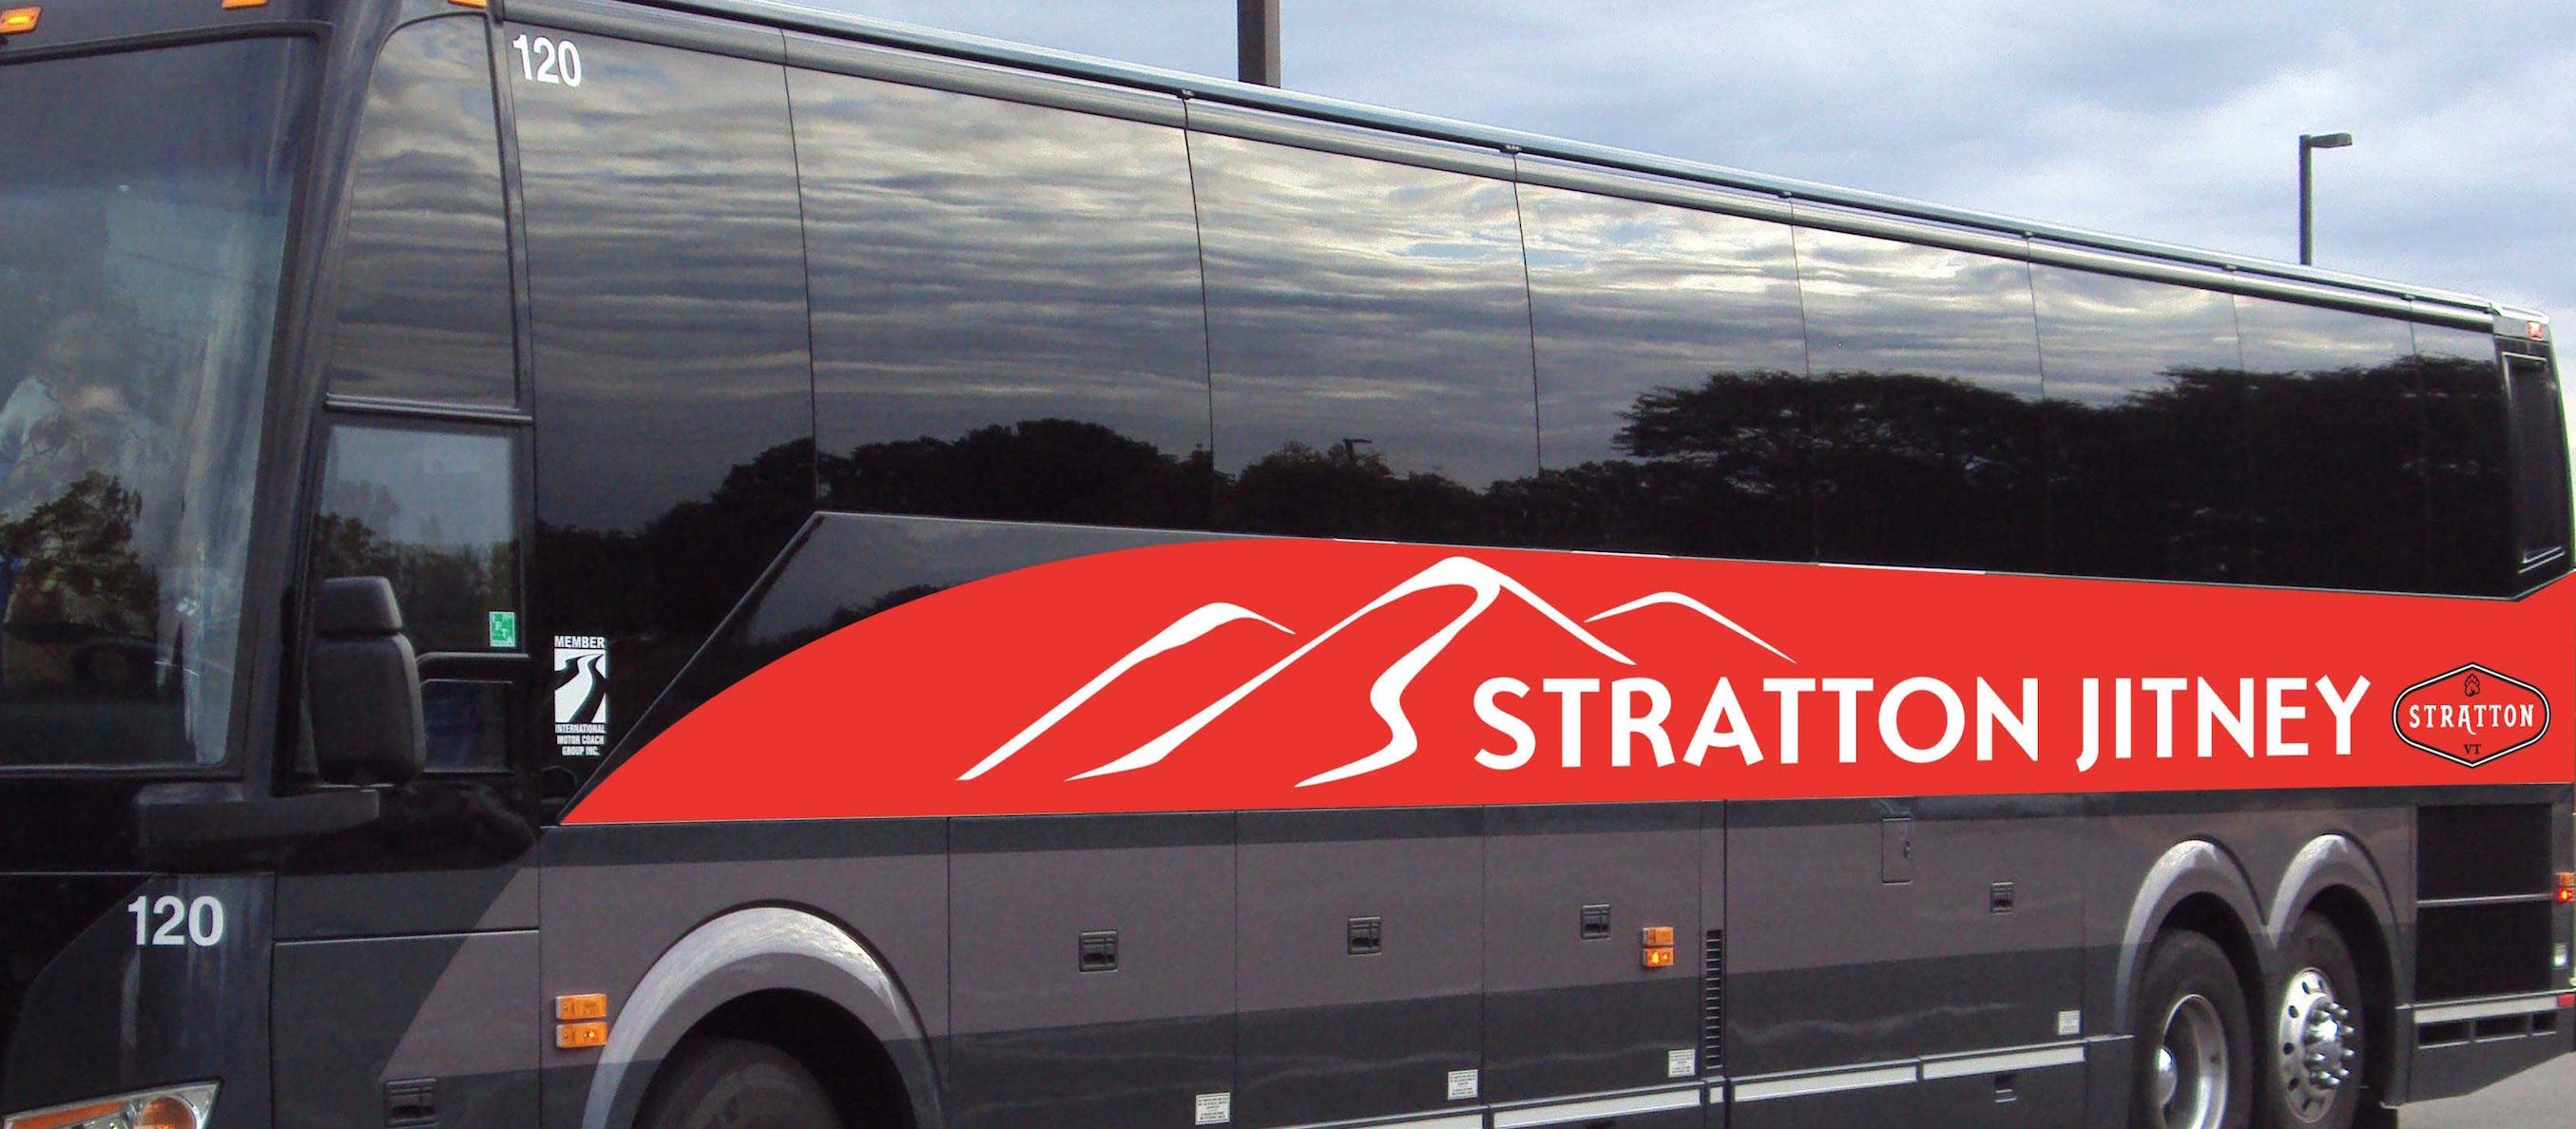 Stratton Jitney